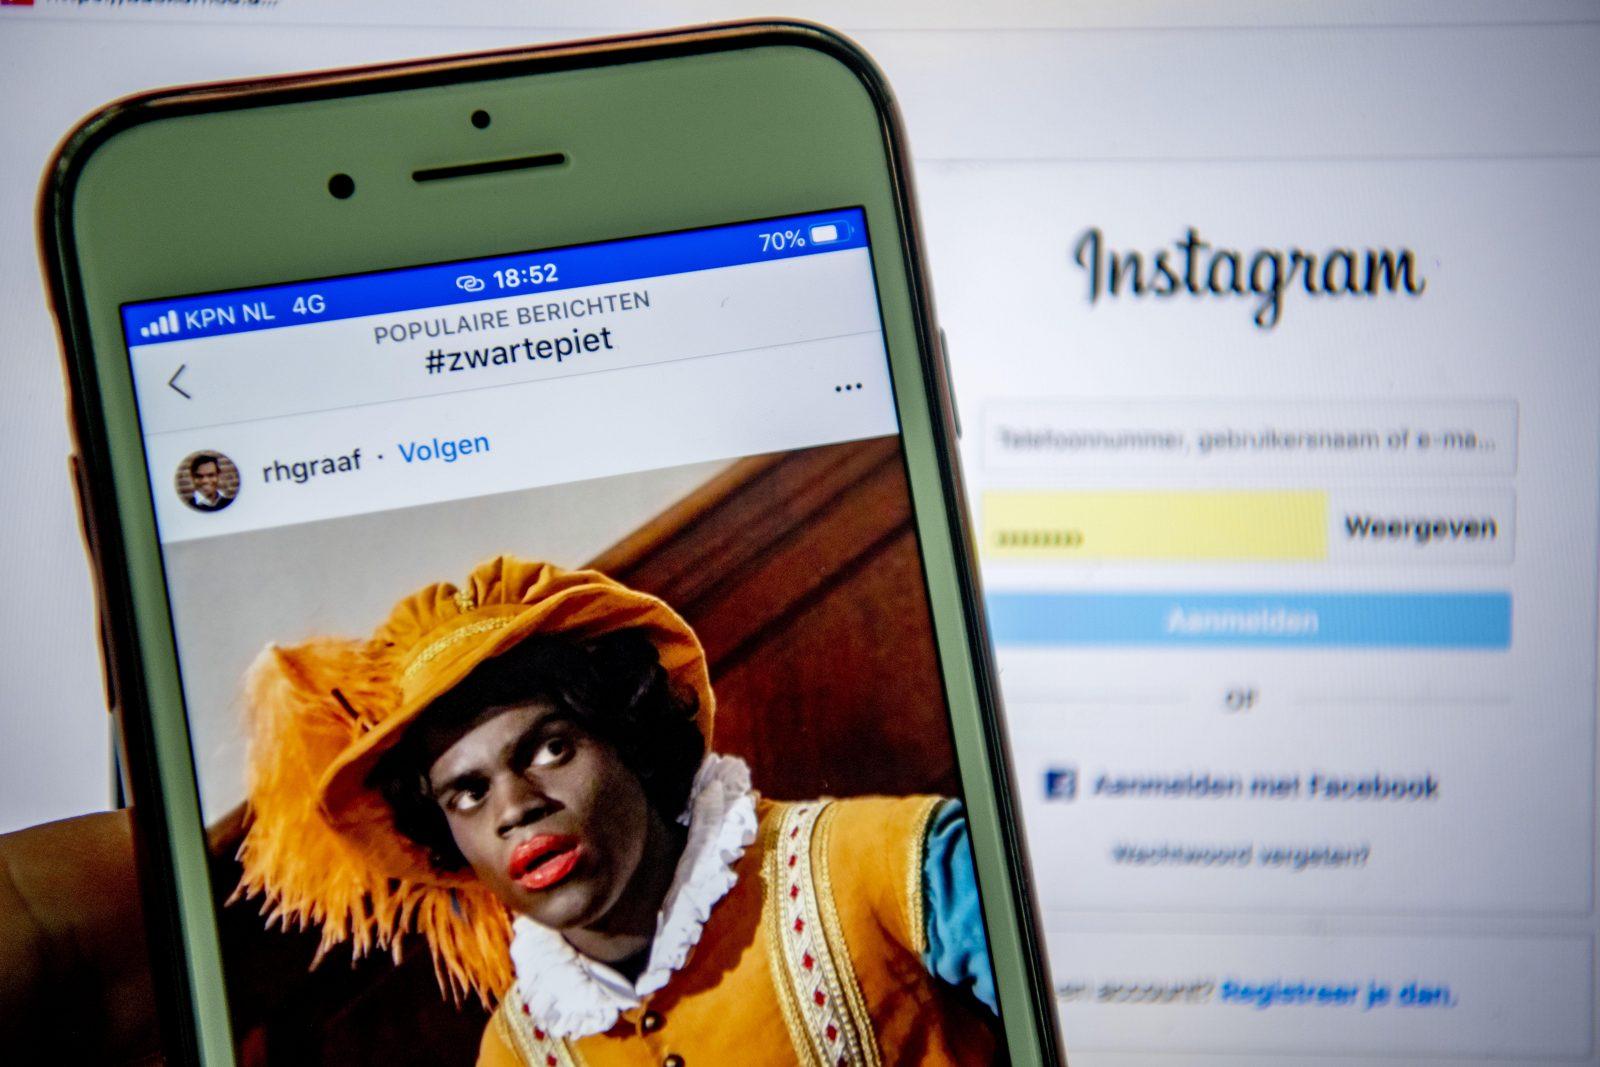 ,,Zwarte Piet'' auf Facebook